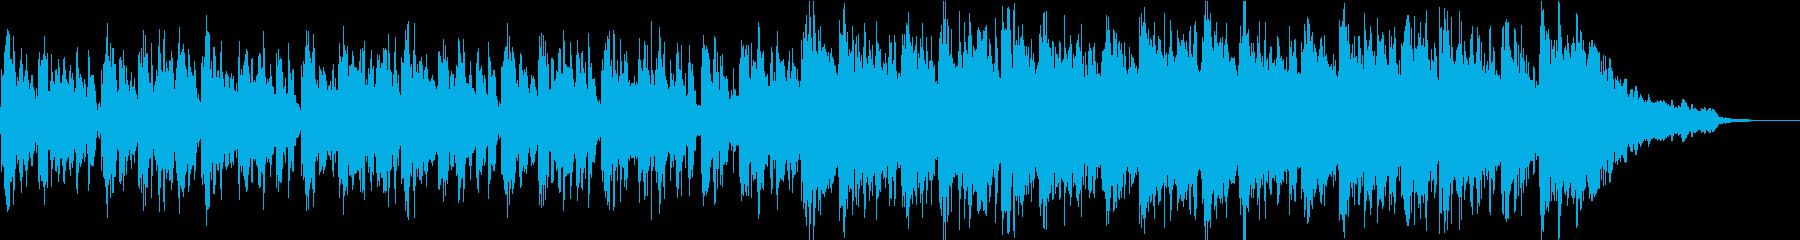 不思議な子供の声を使ったオシャレなBGMの再生済みの波形